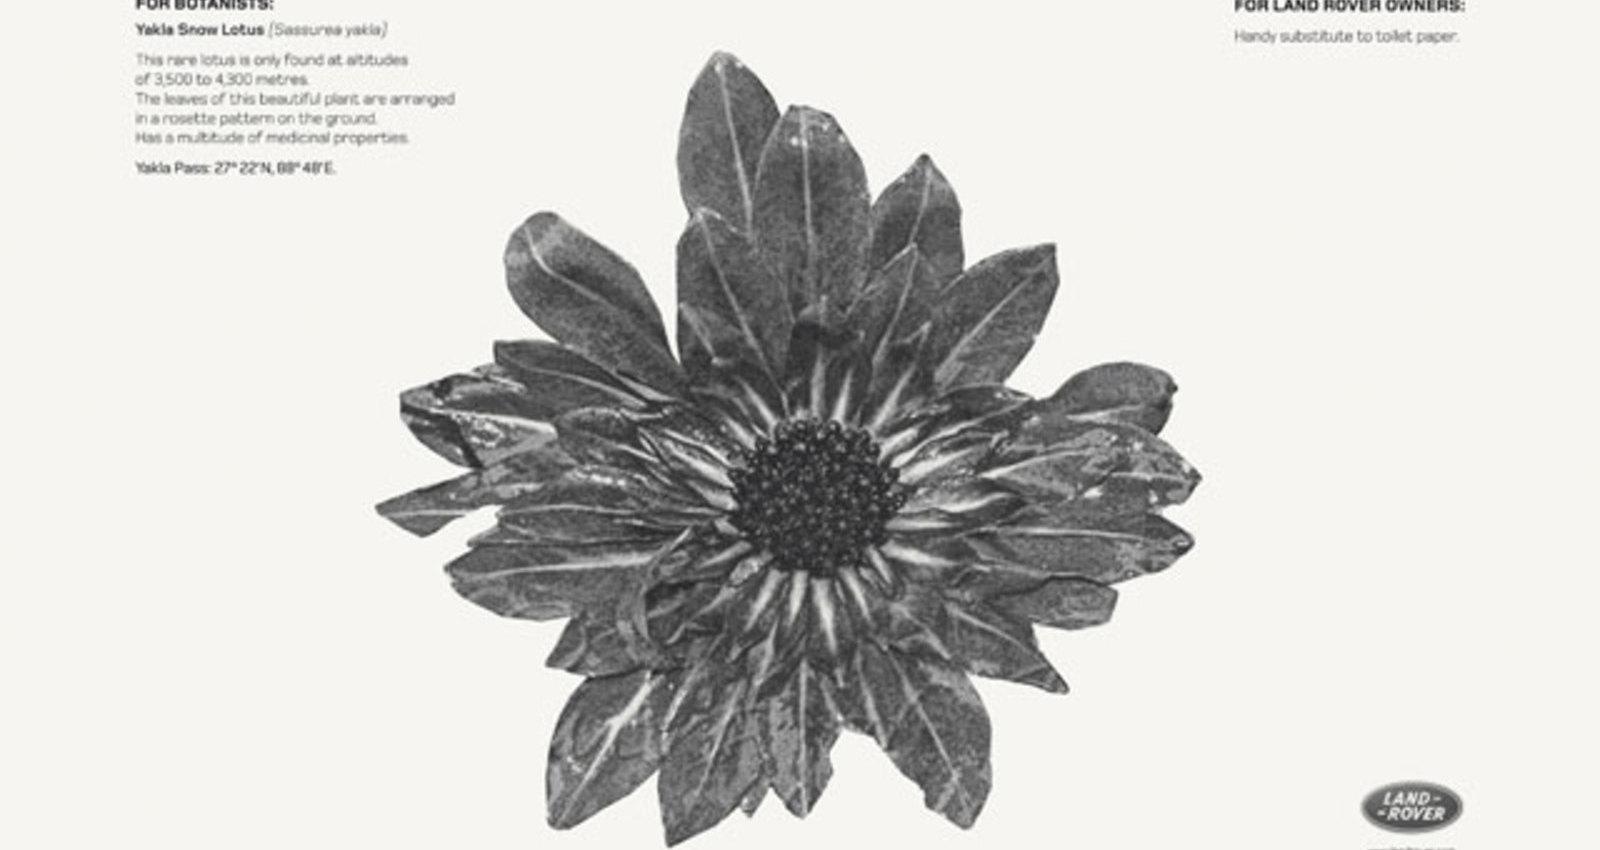 Yakla Snow Lotus